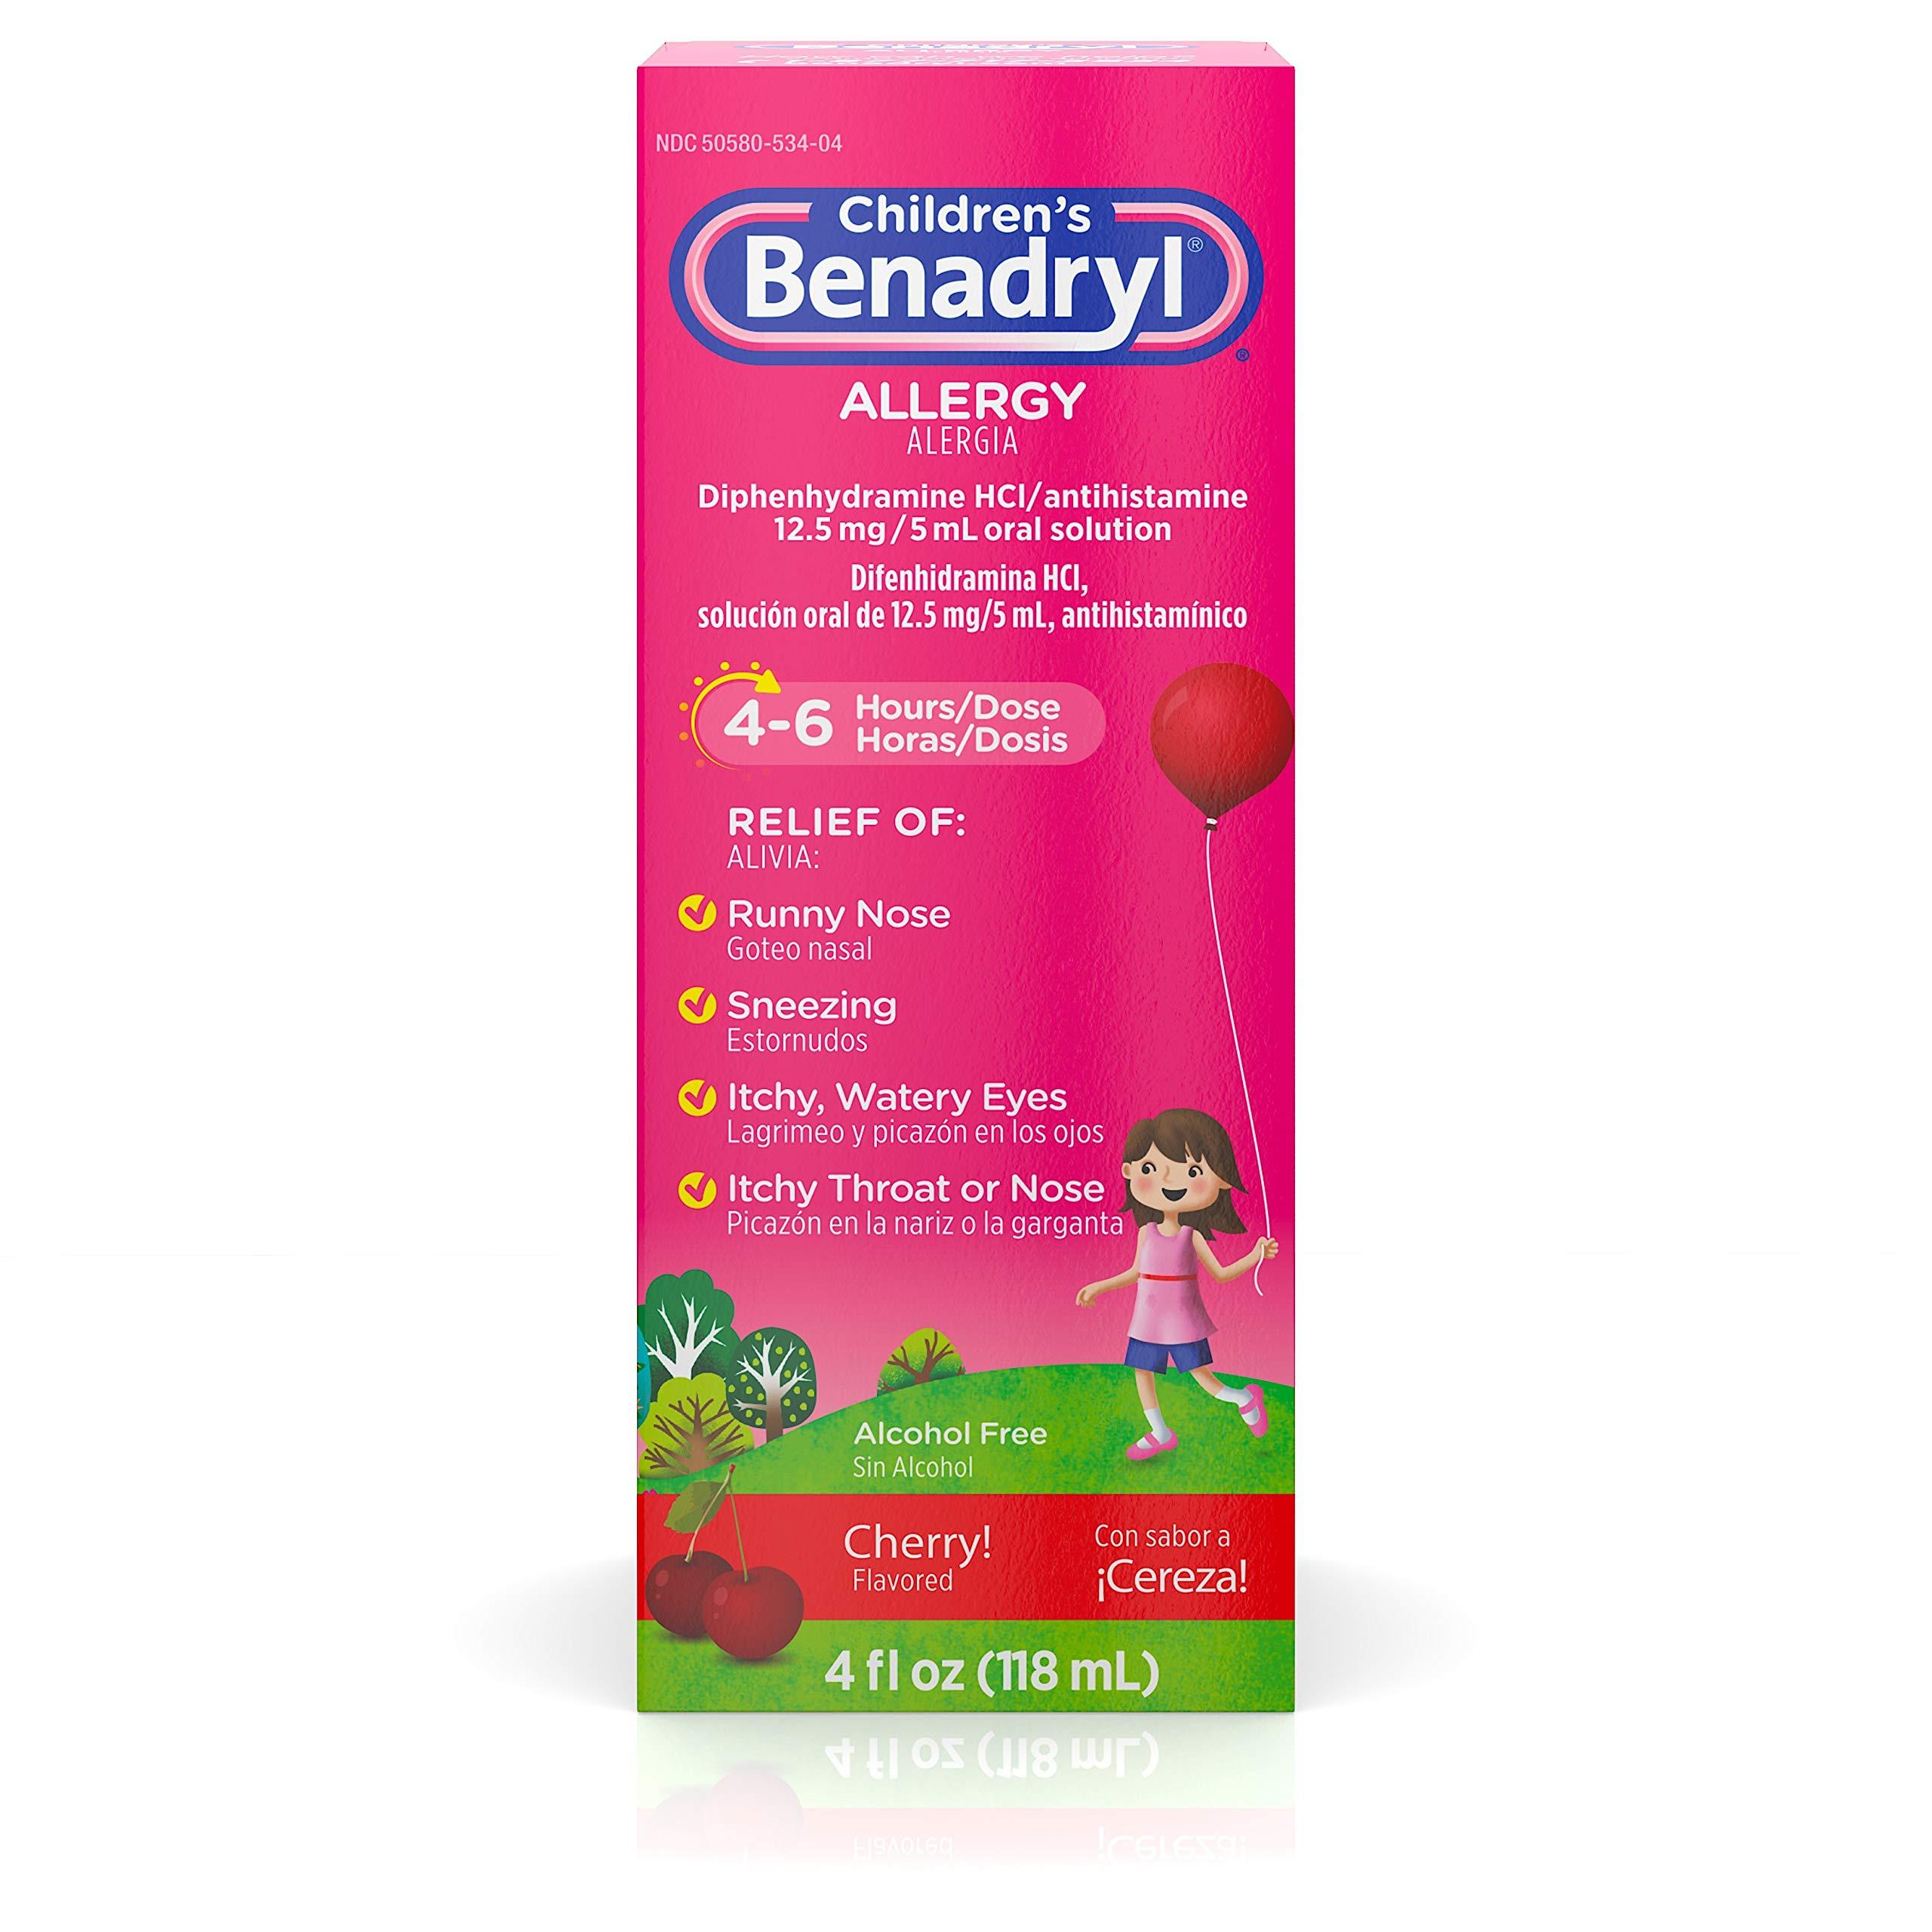 Children's Benadryl Allergy Liquid with Diphenhydramine HCl in Kid-Friendly Cherry Flavor, 4 fl. oz